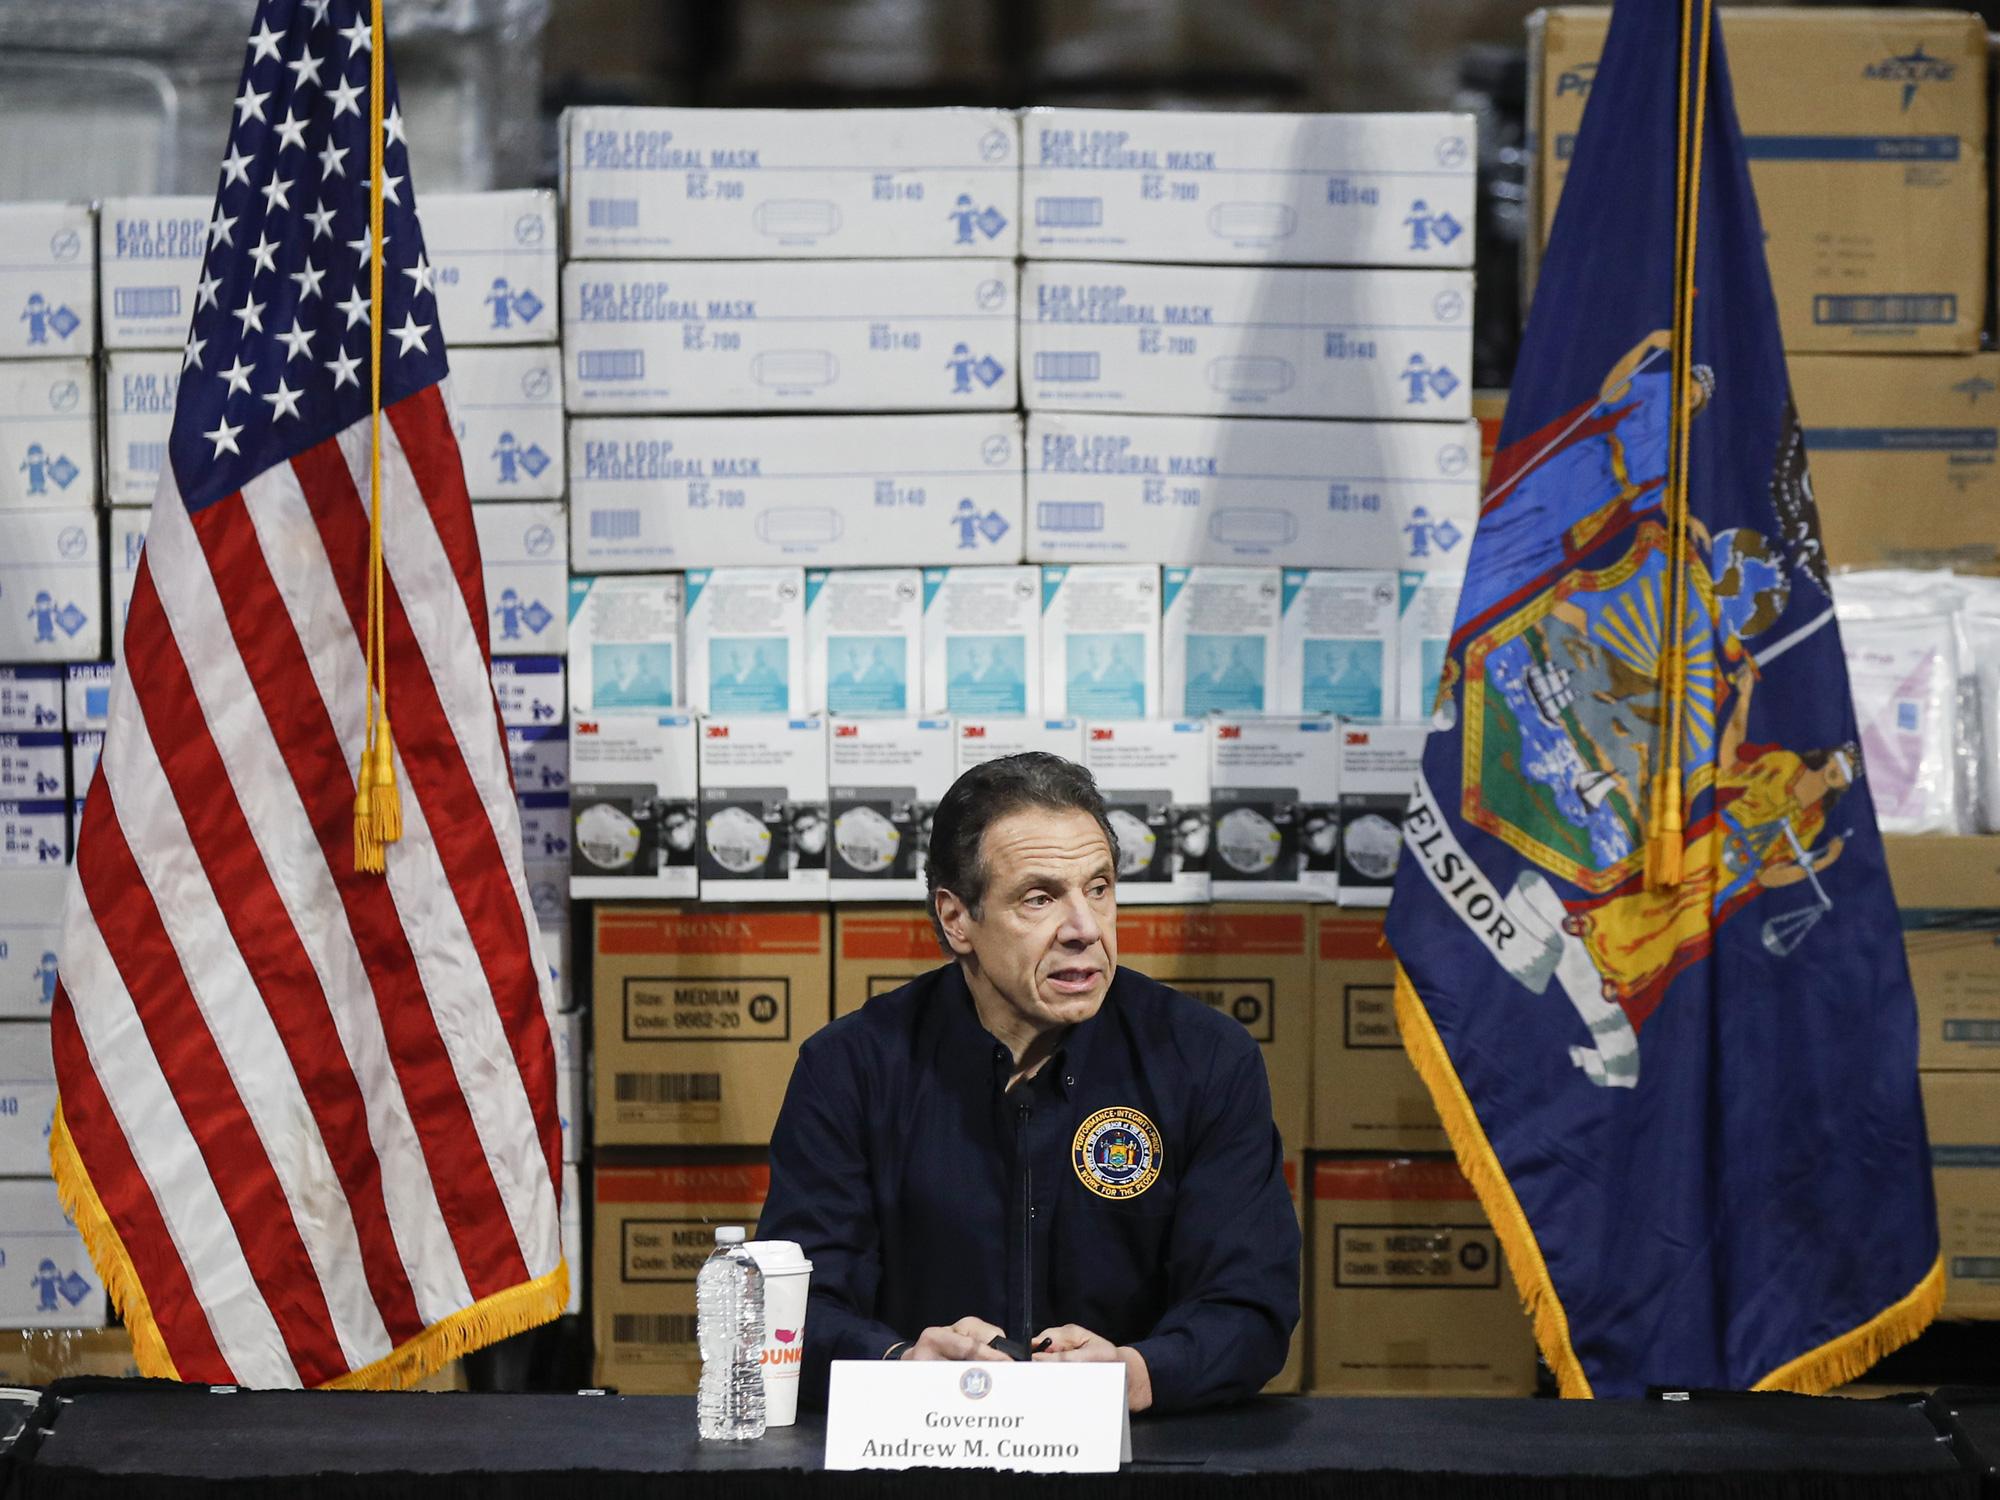 Bang New York có hơn 1.000 ca tử vong vì dịch Covid-19, trong đó có một trường hợp dưới 18 tuổi - Ảnh 1.